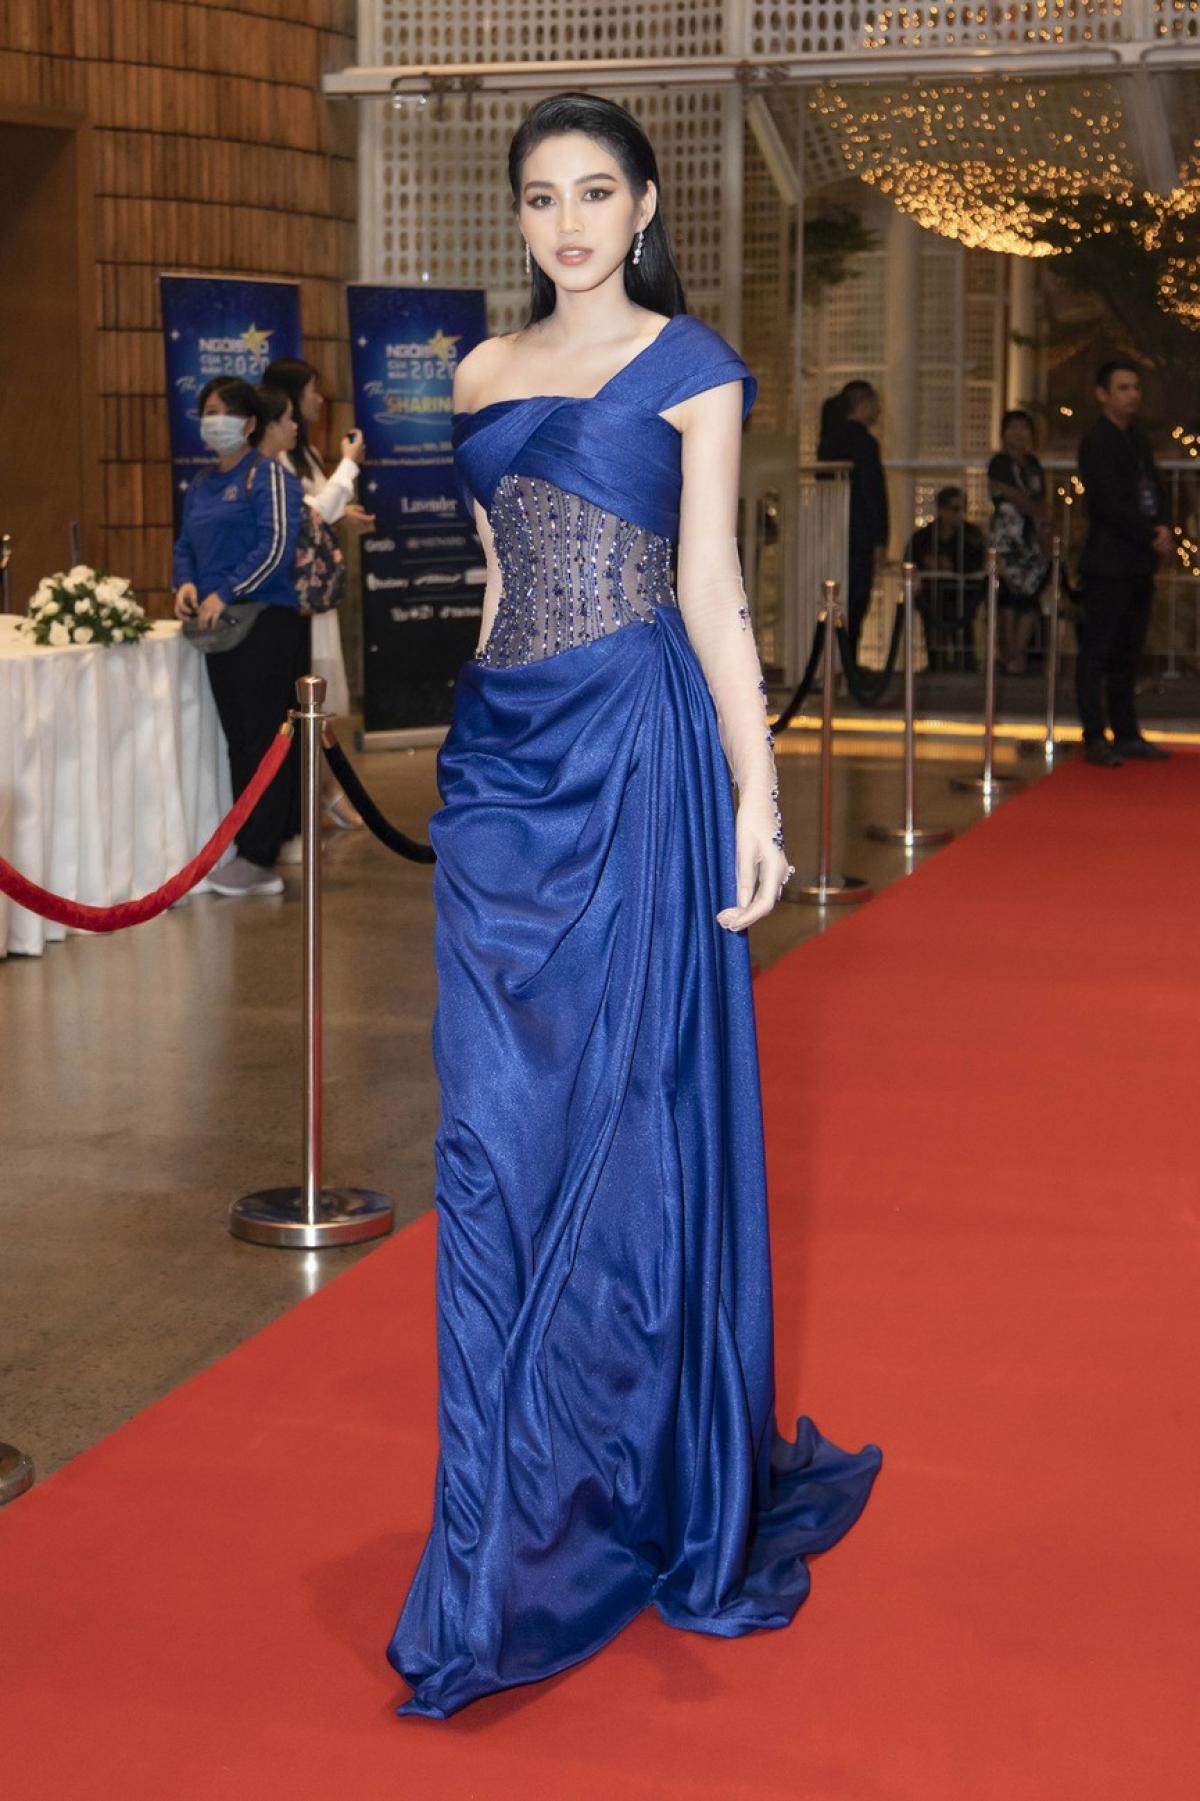 Hoa hậu Đỗ Thị Hà diện bộ đầm lụa xanh lộng lẫy, quyến rũ.